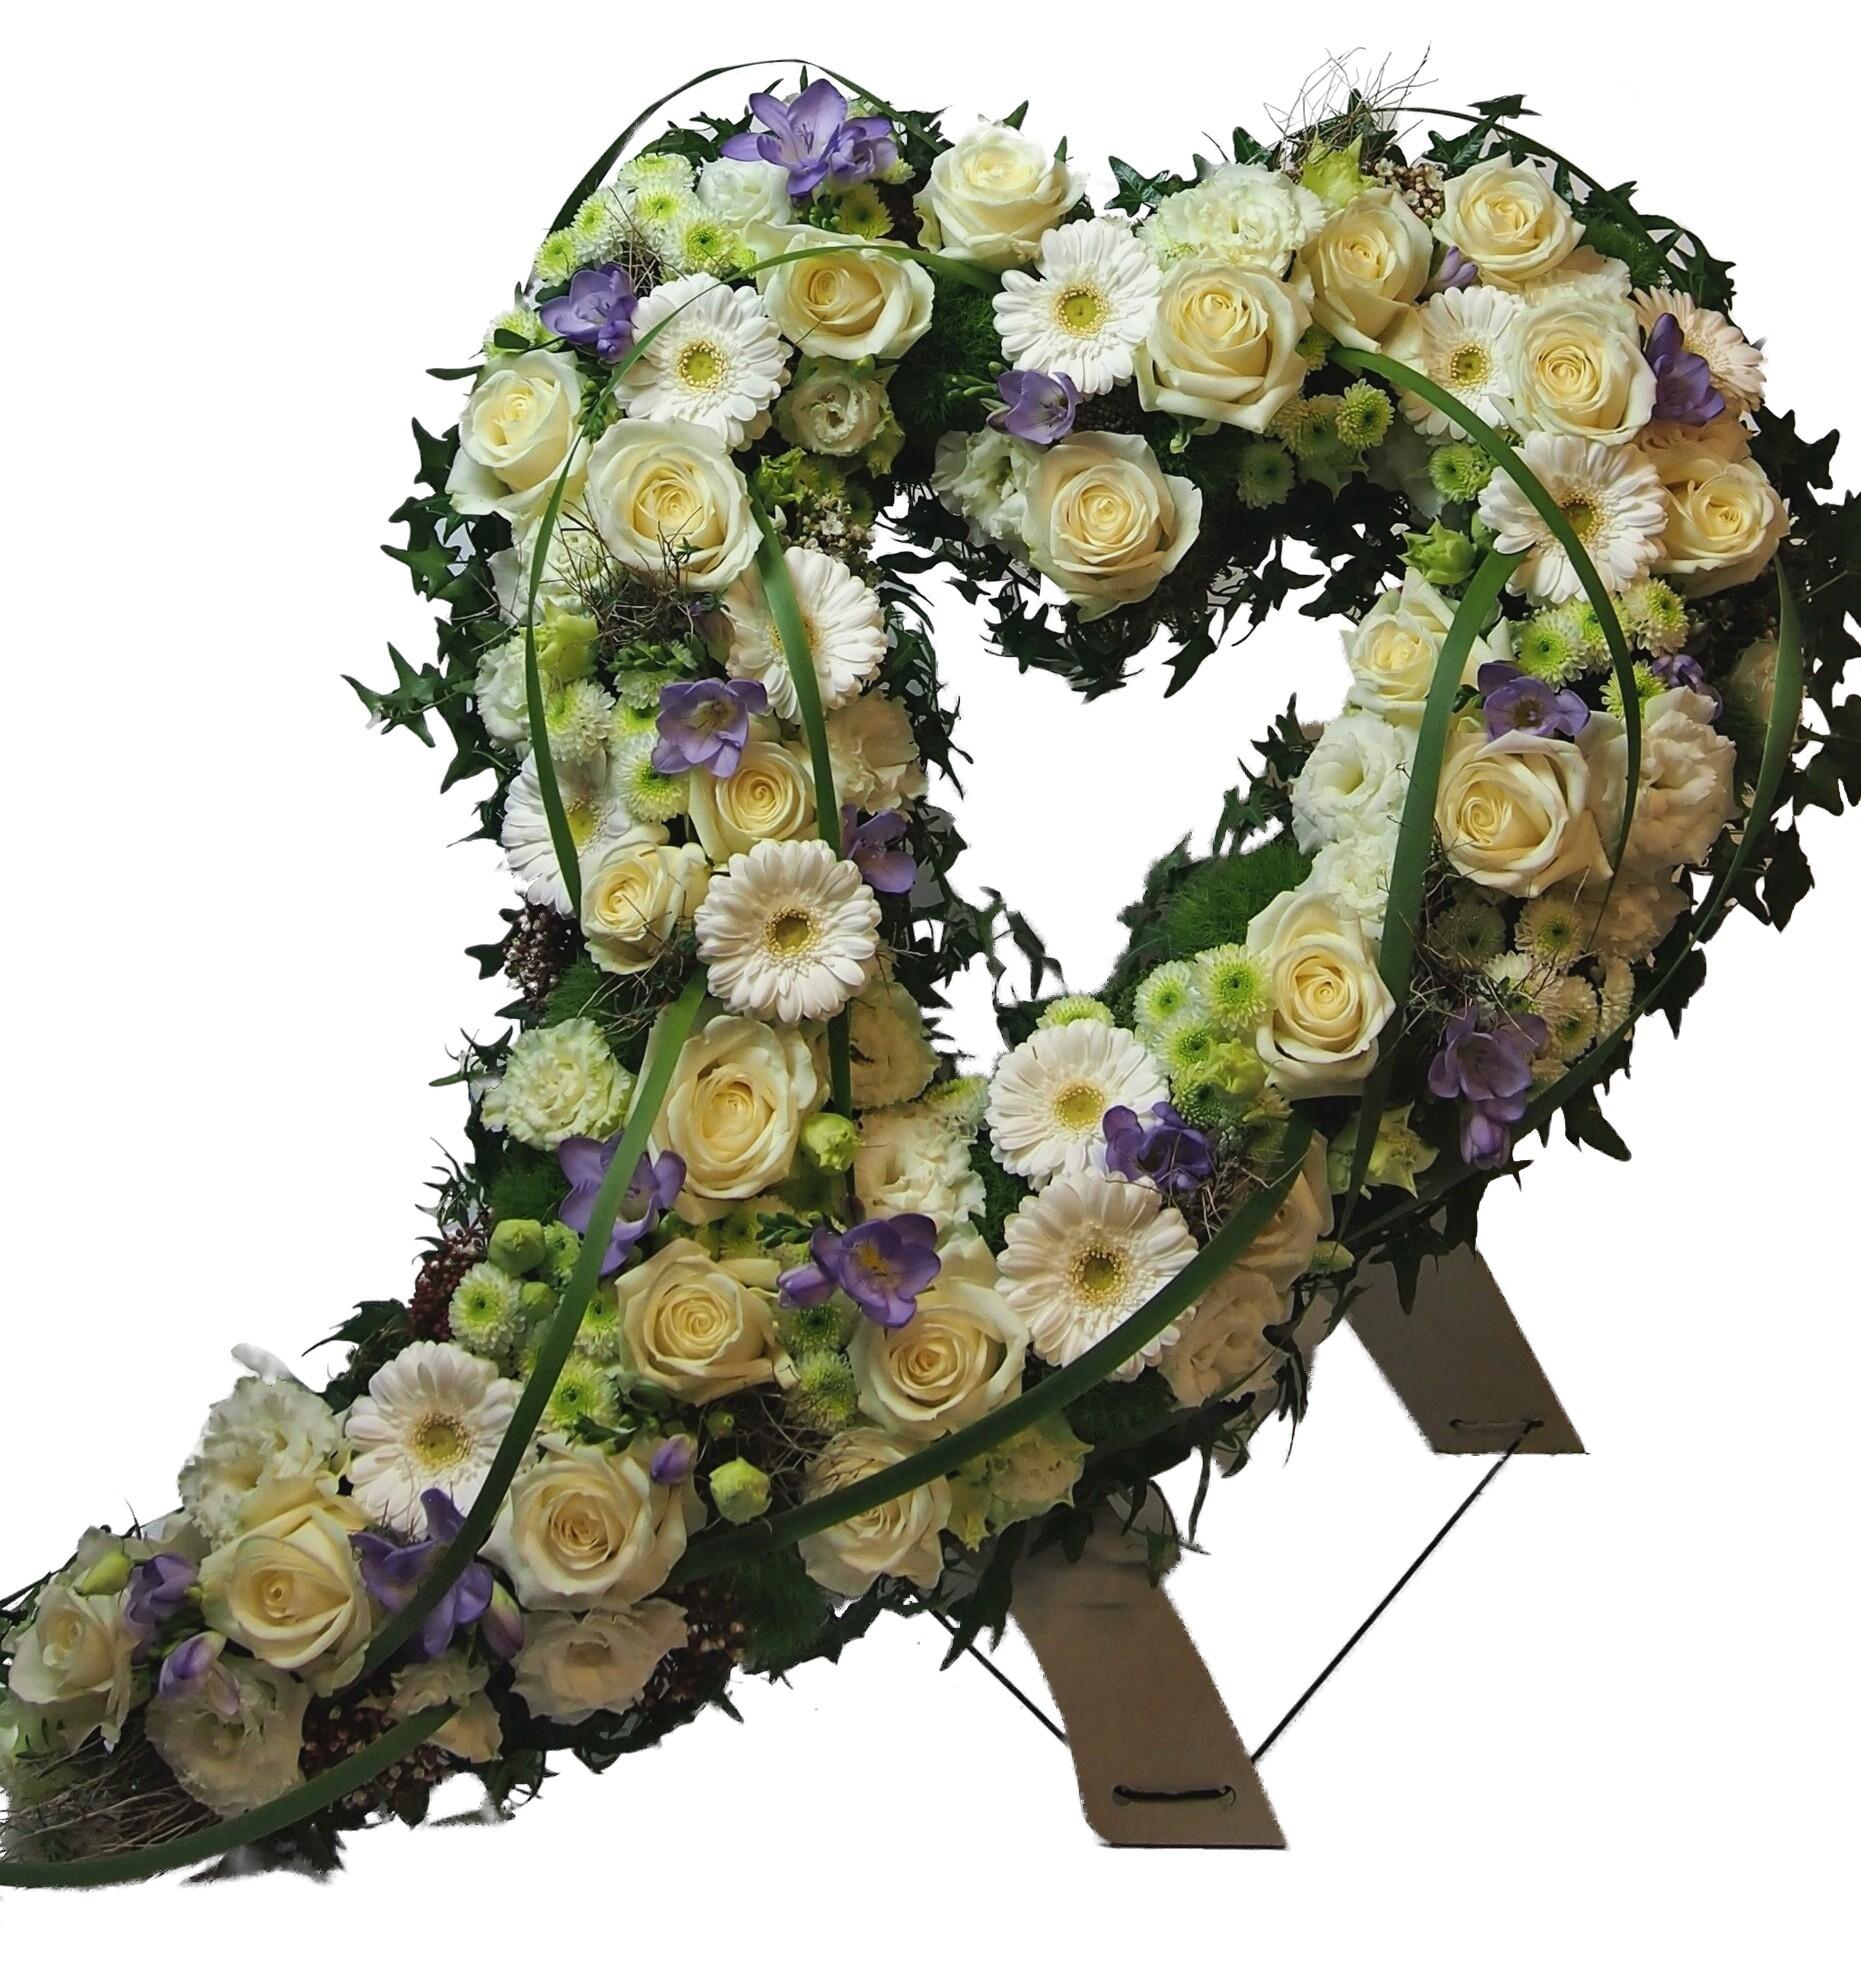 Trauerherz mit Schweif, gesteckt mit Blumen (zum Aufstellen) Bild 1